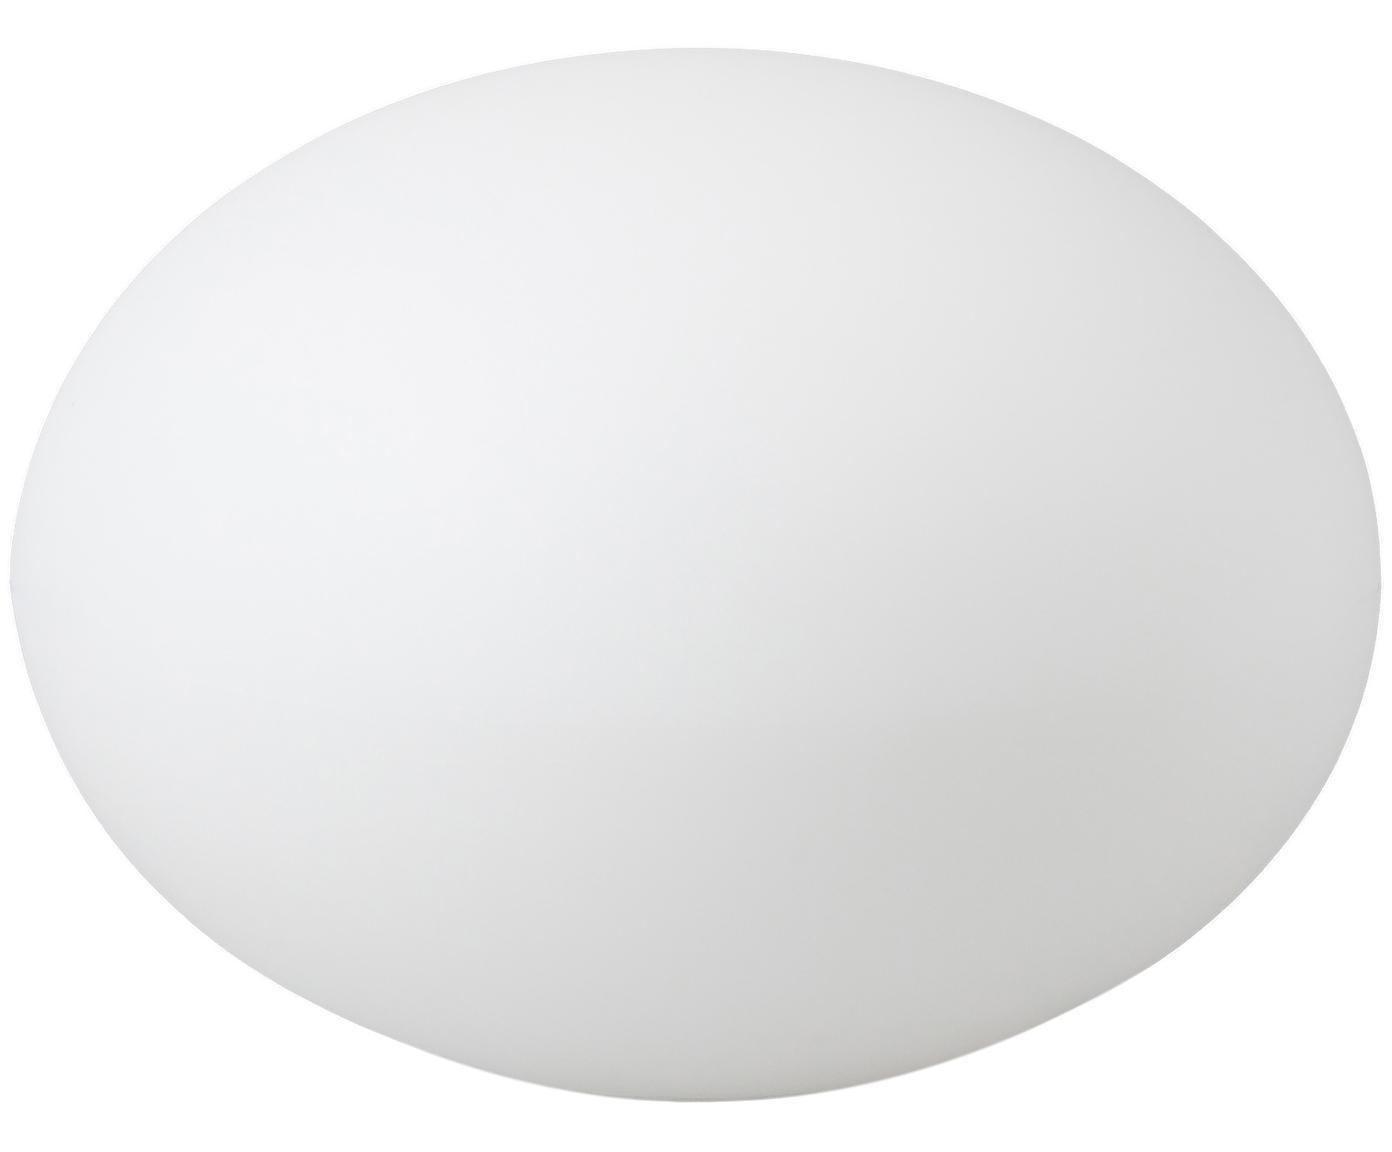 Aussen-Bodenleuchte Apollo mit Stecker, Kunststoff, Weiss, Ø 40 x H 30 cm